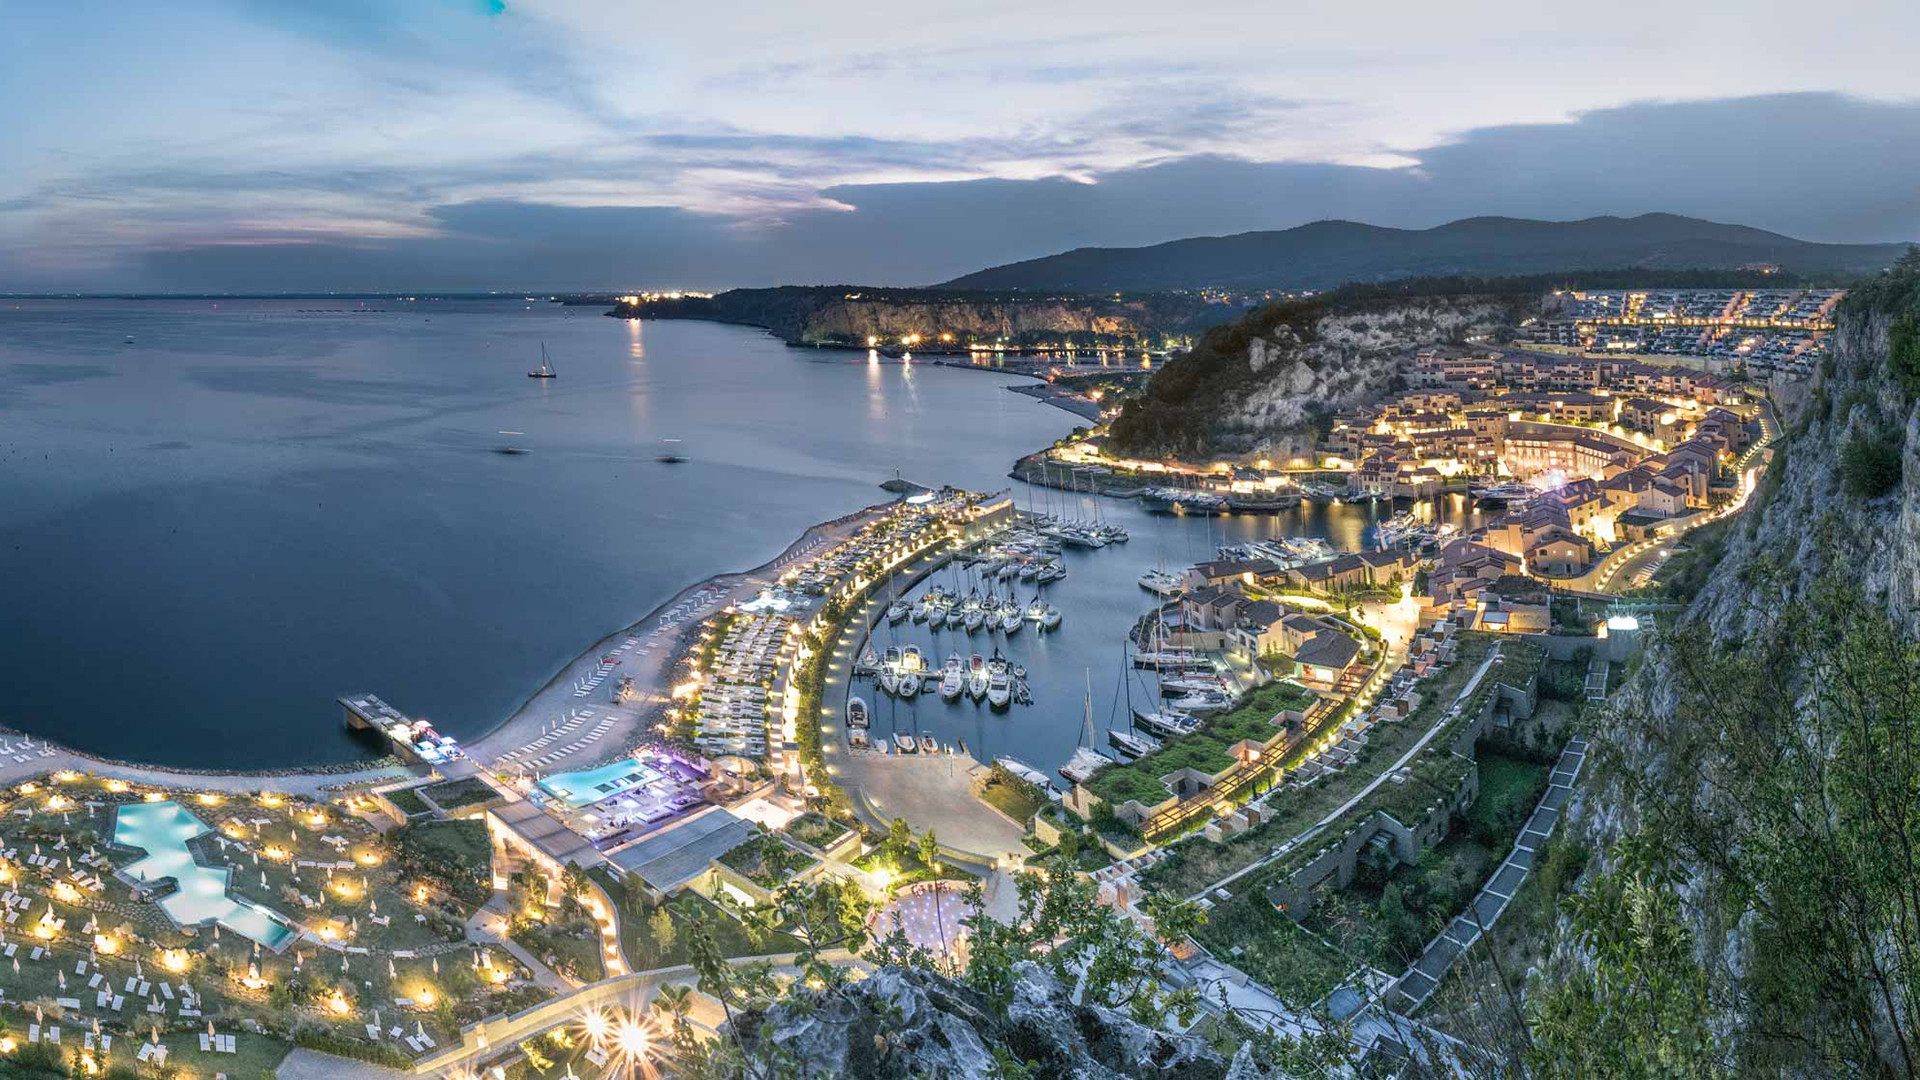 Tramonto-Portopiccolo-Trieste